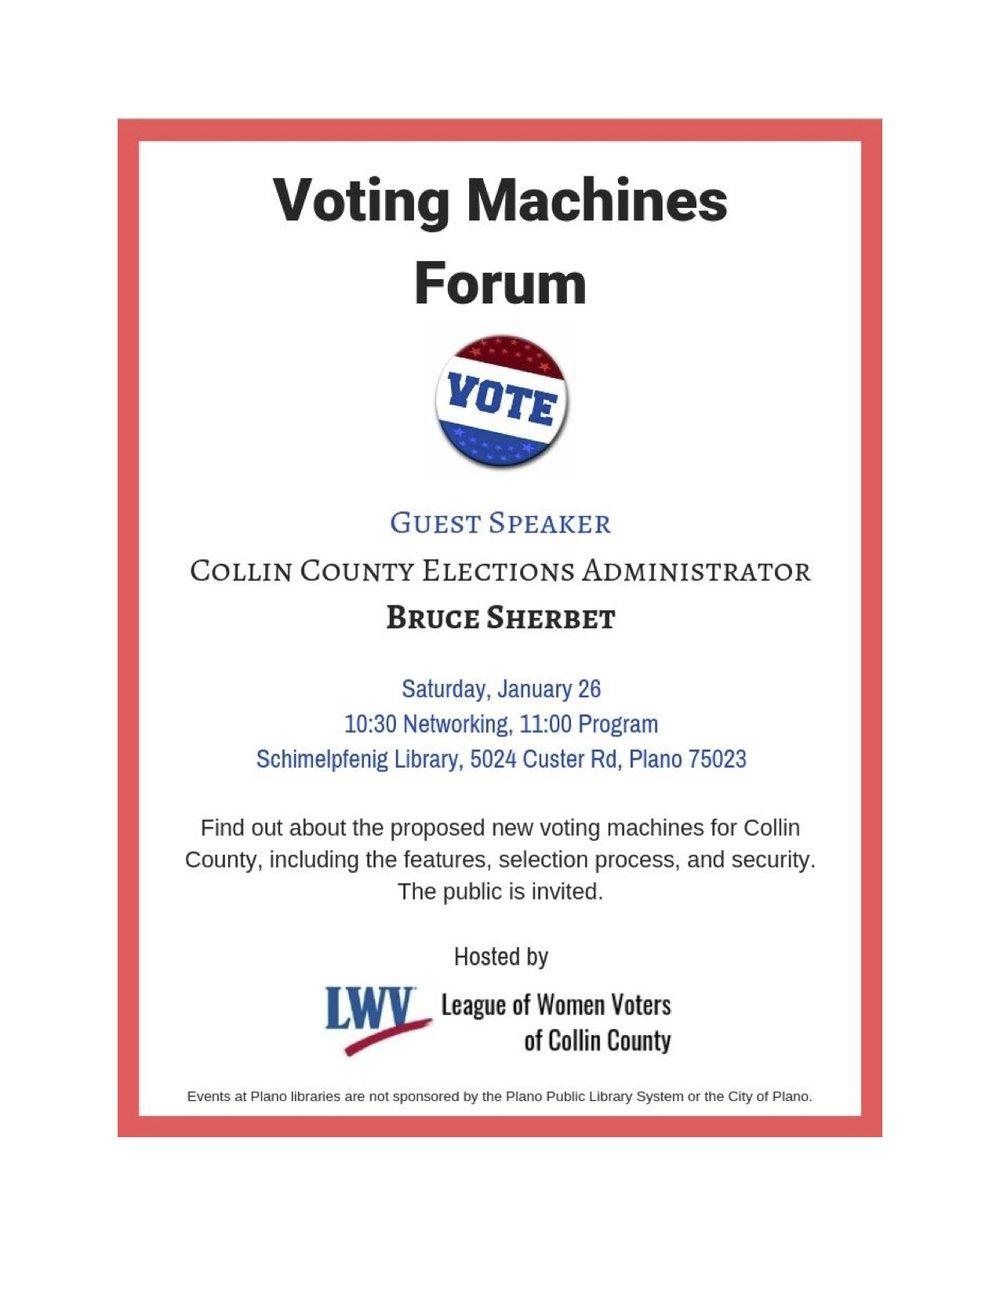 flyer_voting_machines_forum.jpg